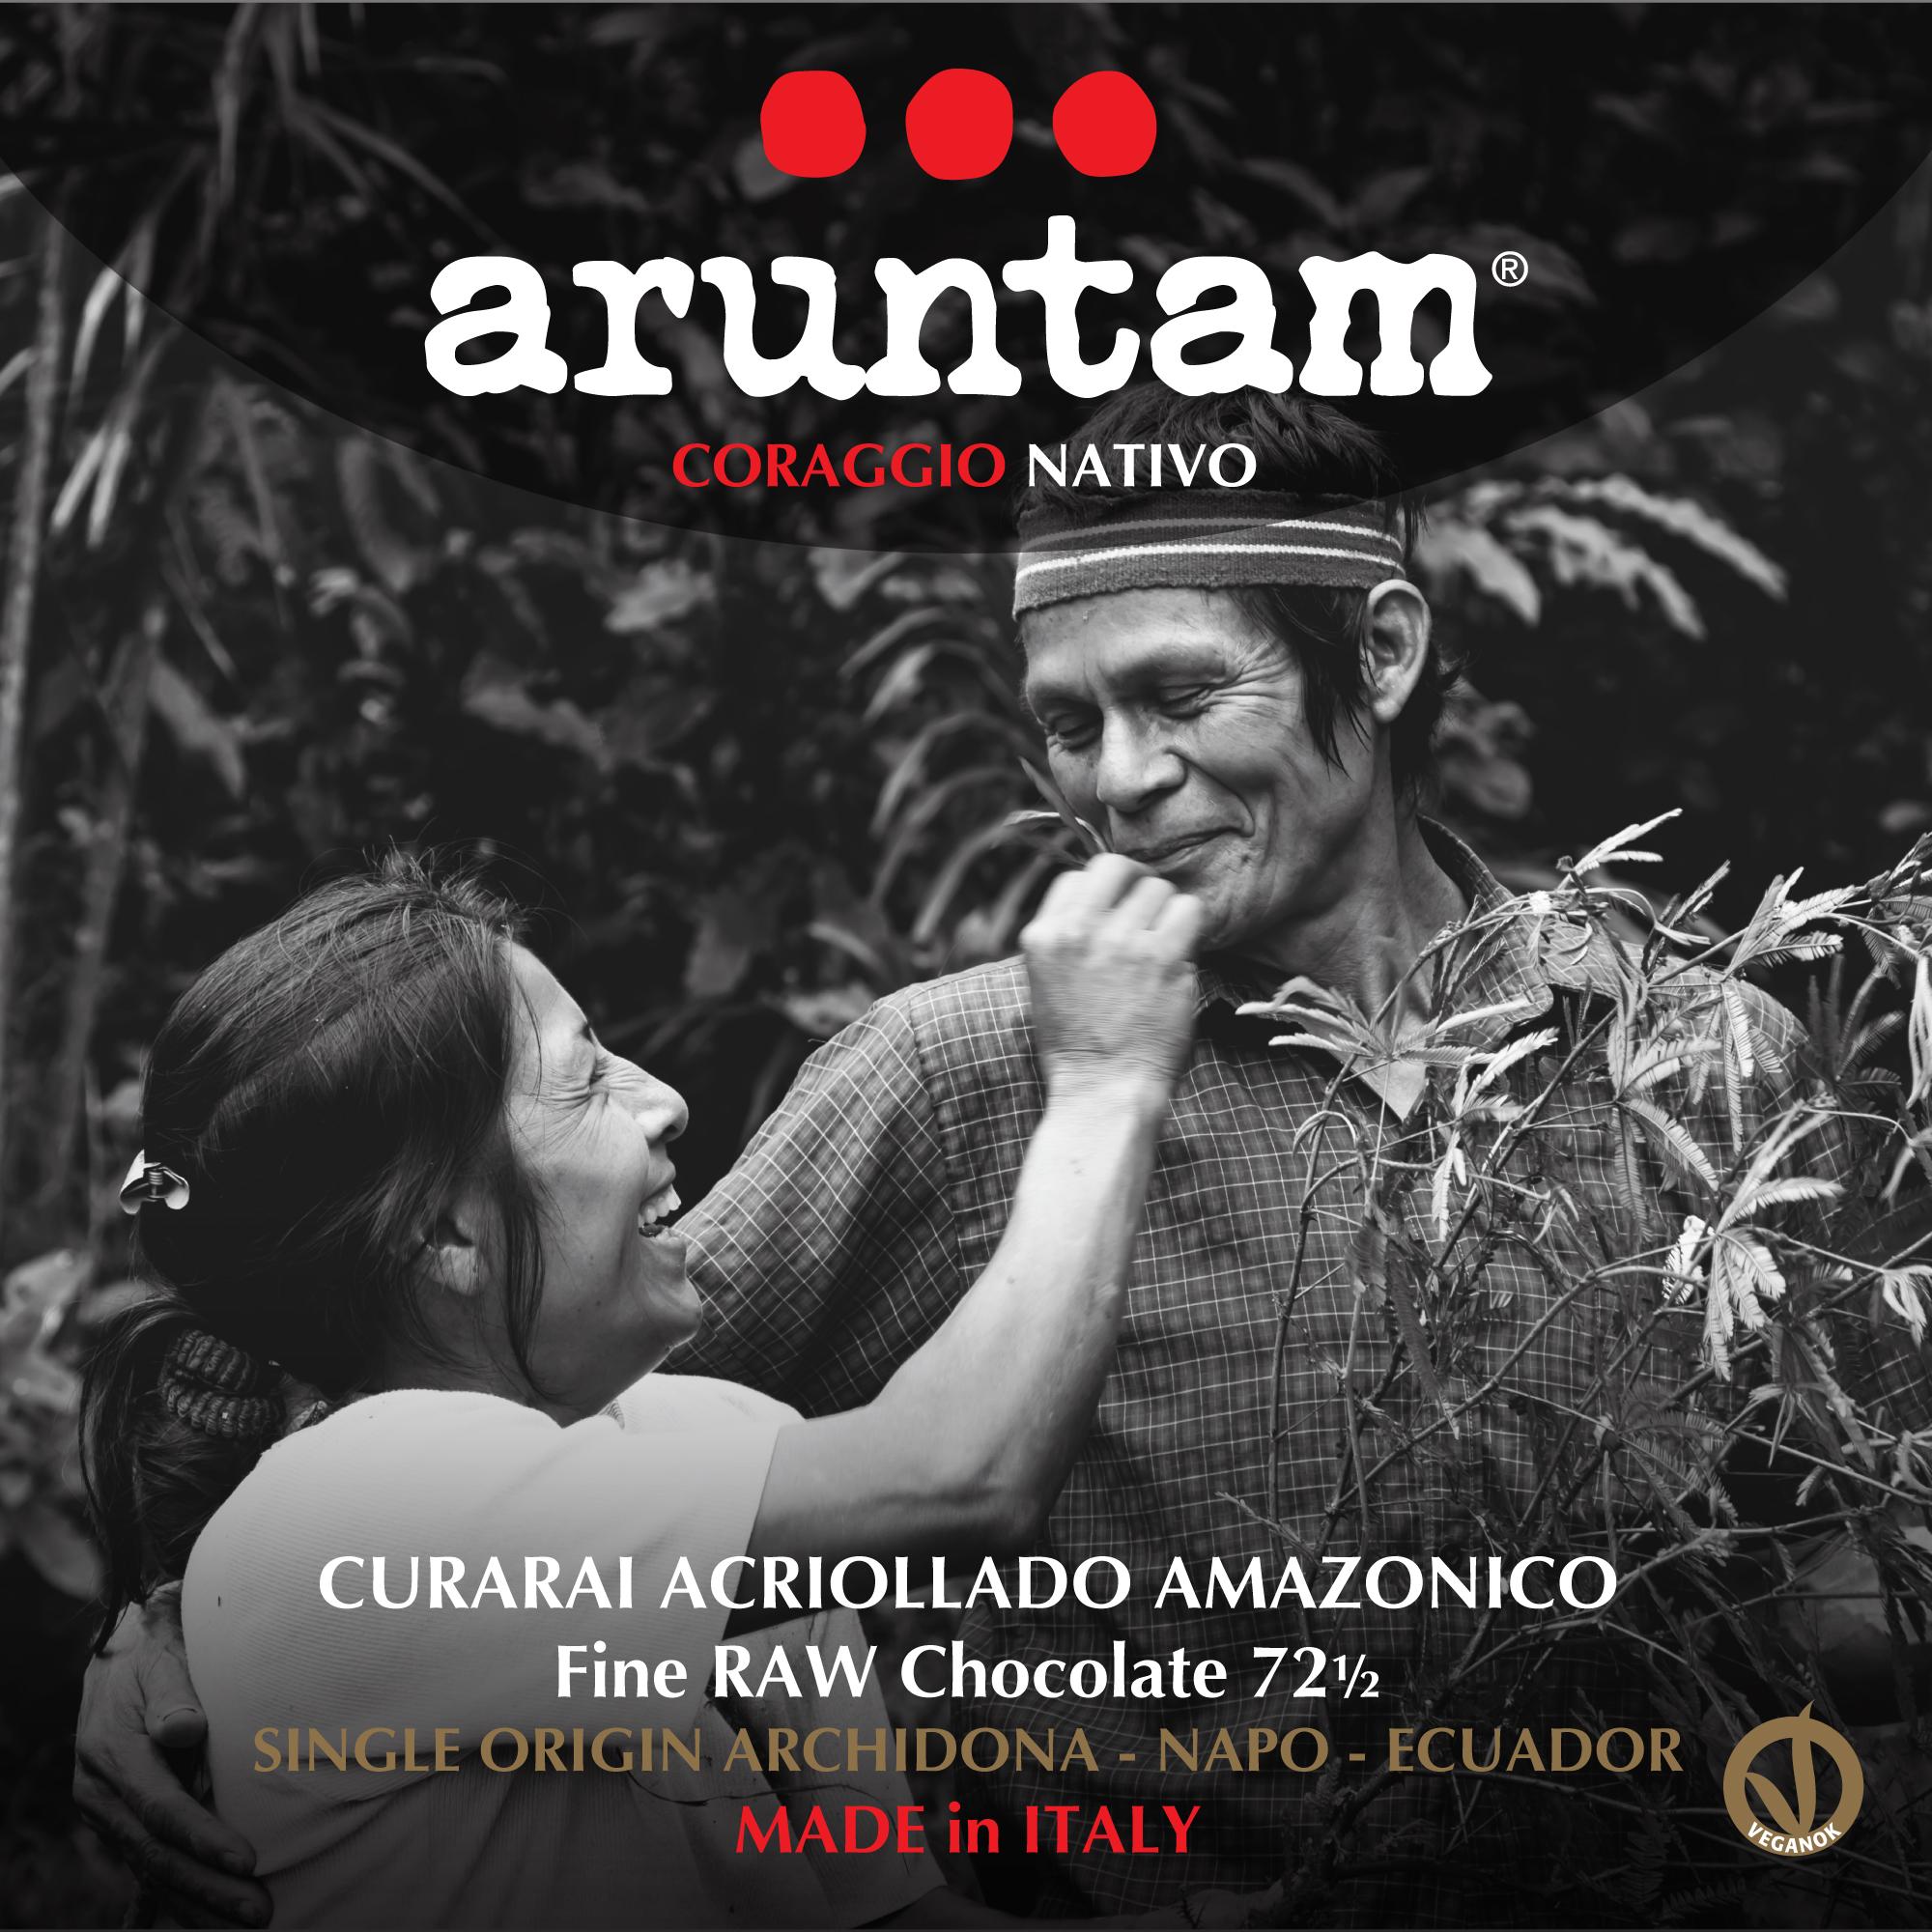 07-Curarai-Acriollado-Amazonico-SHUAR